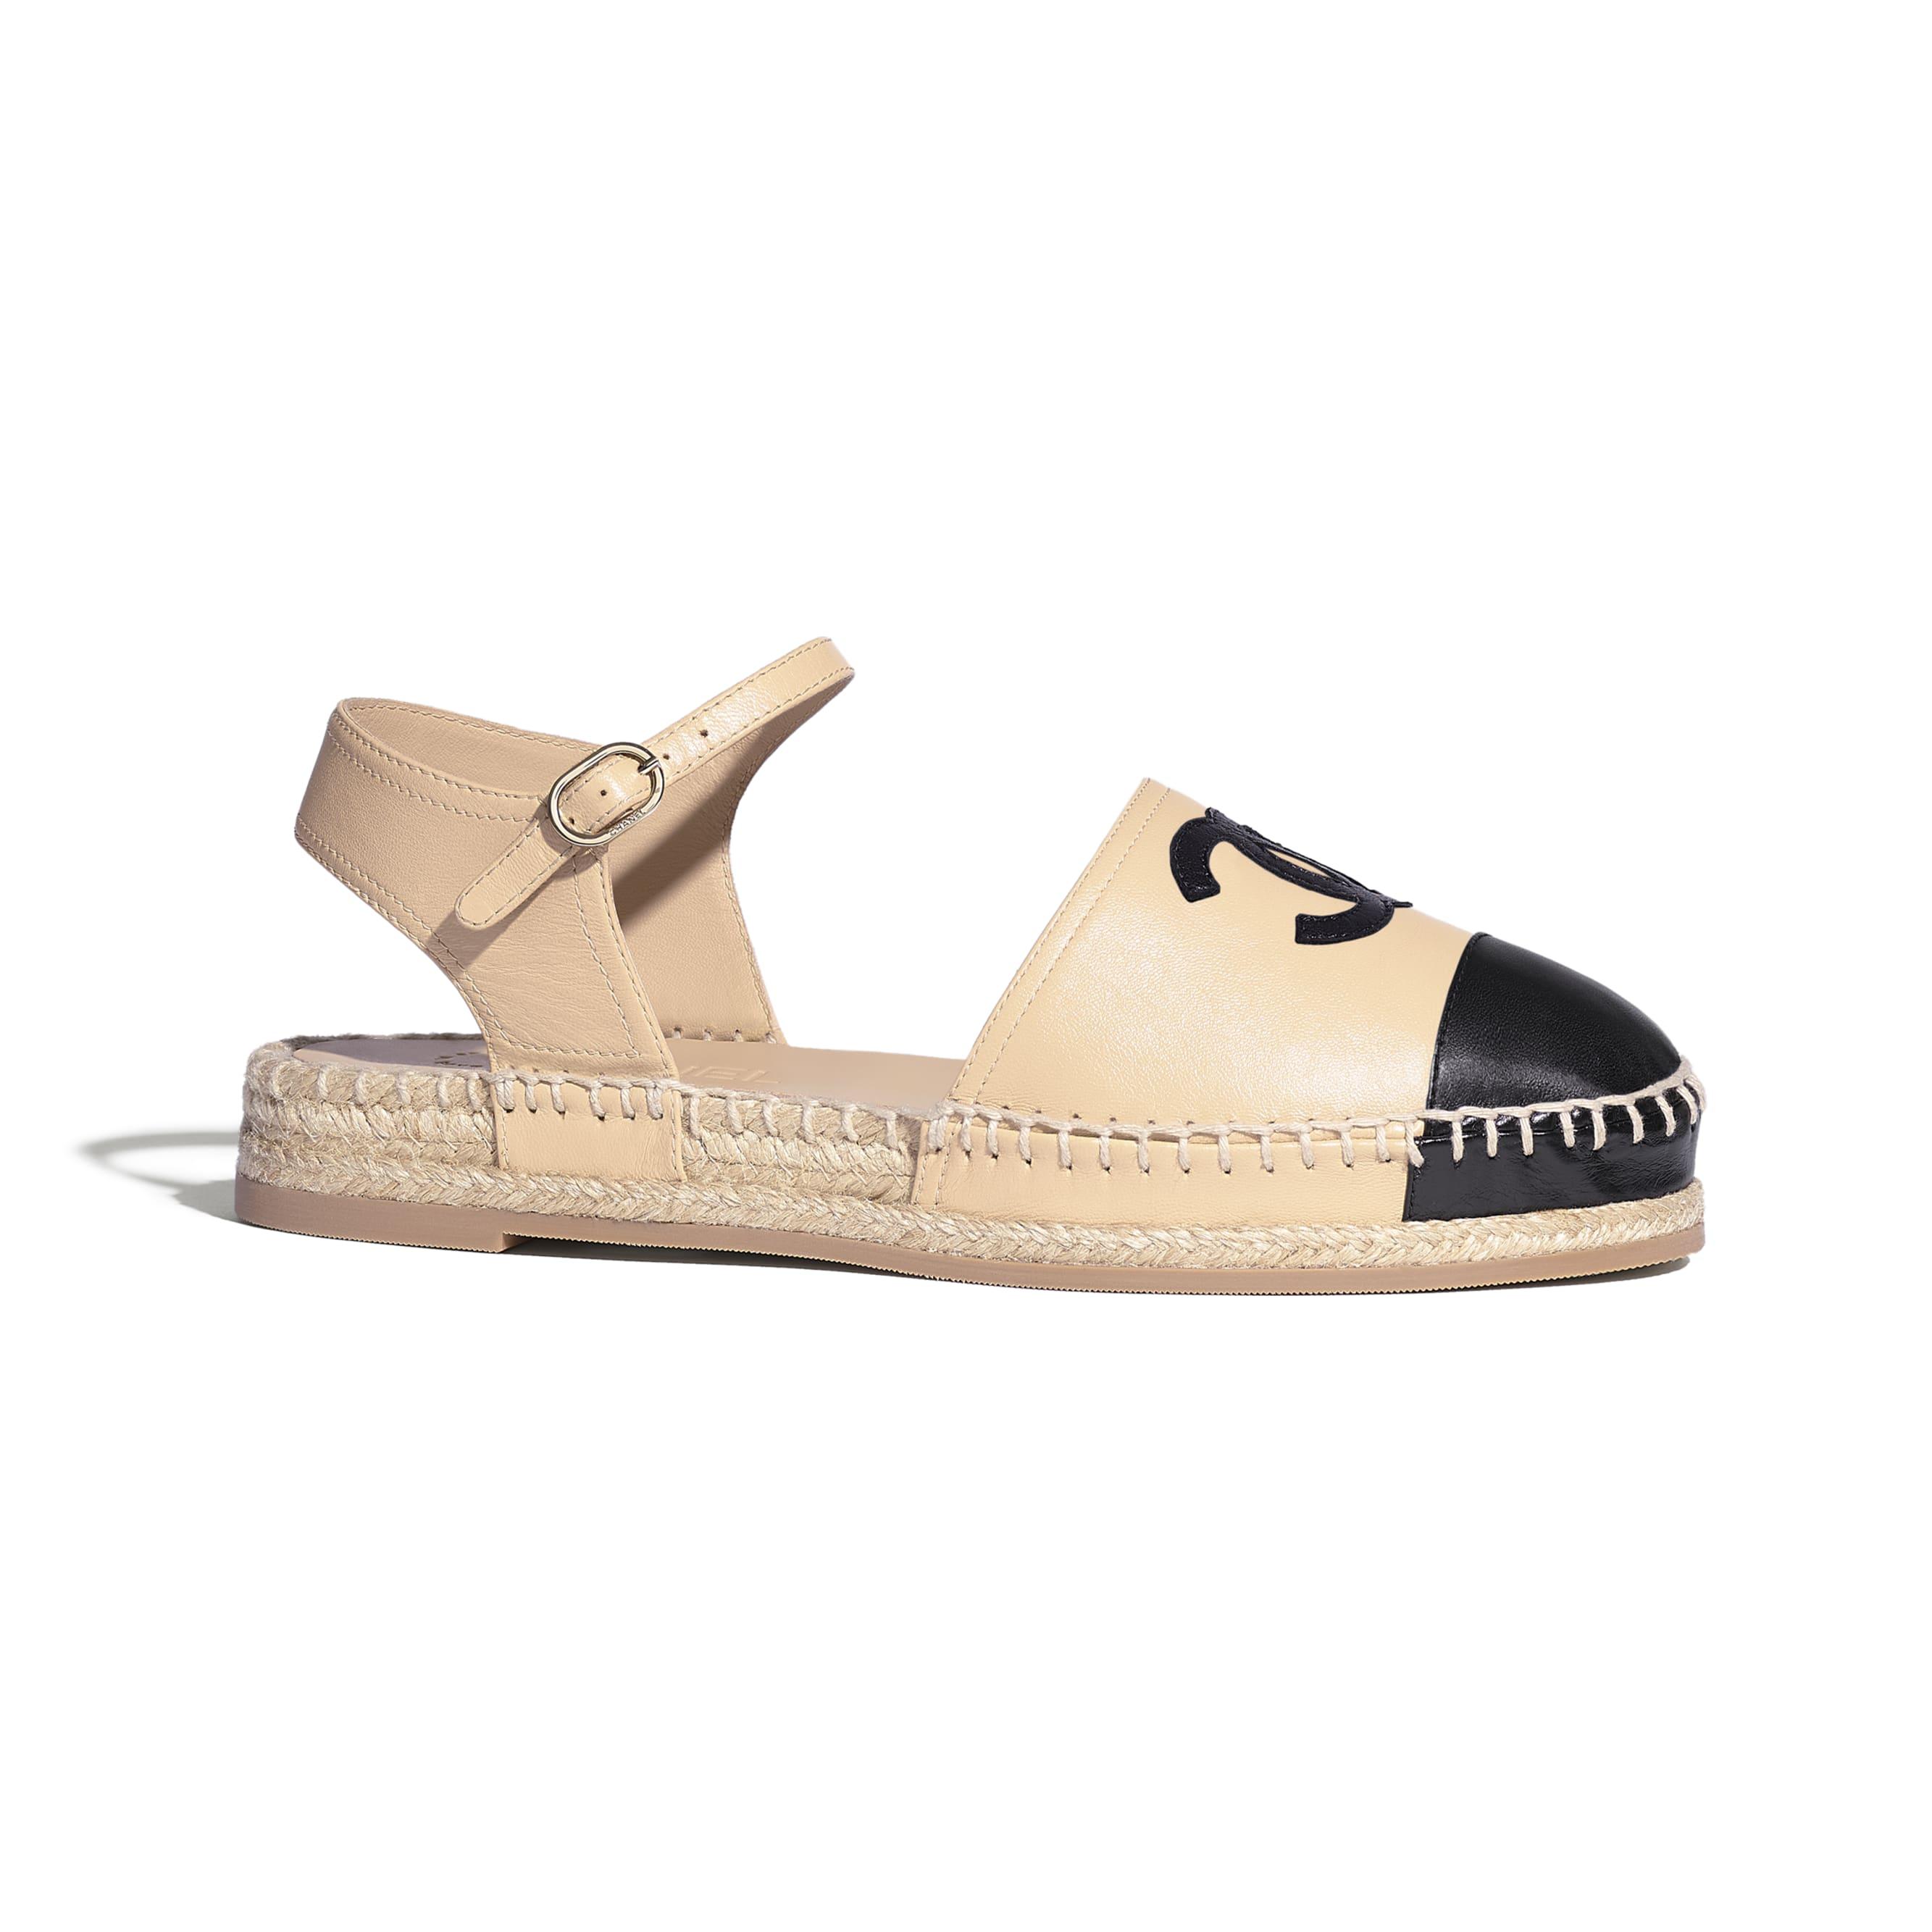 草編鞋 - 米與黑 - 小羊皮 - 預設視圖 - 查看標準尺寸版本